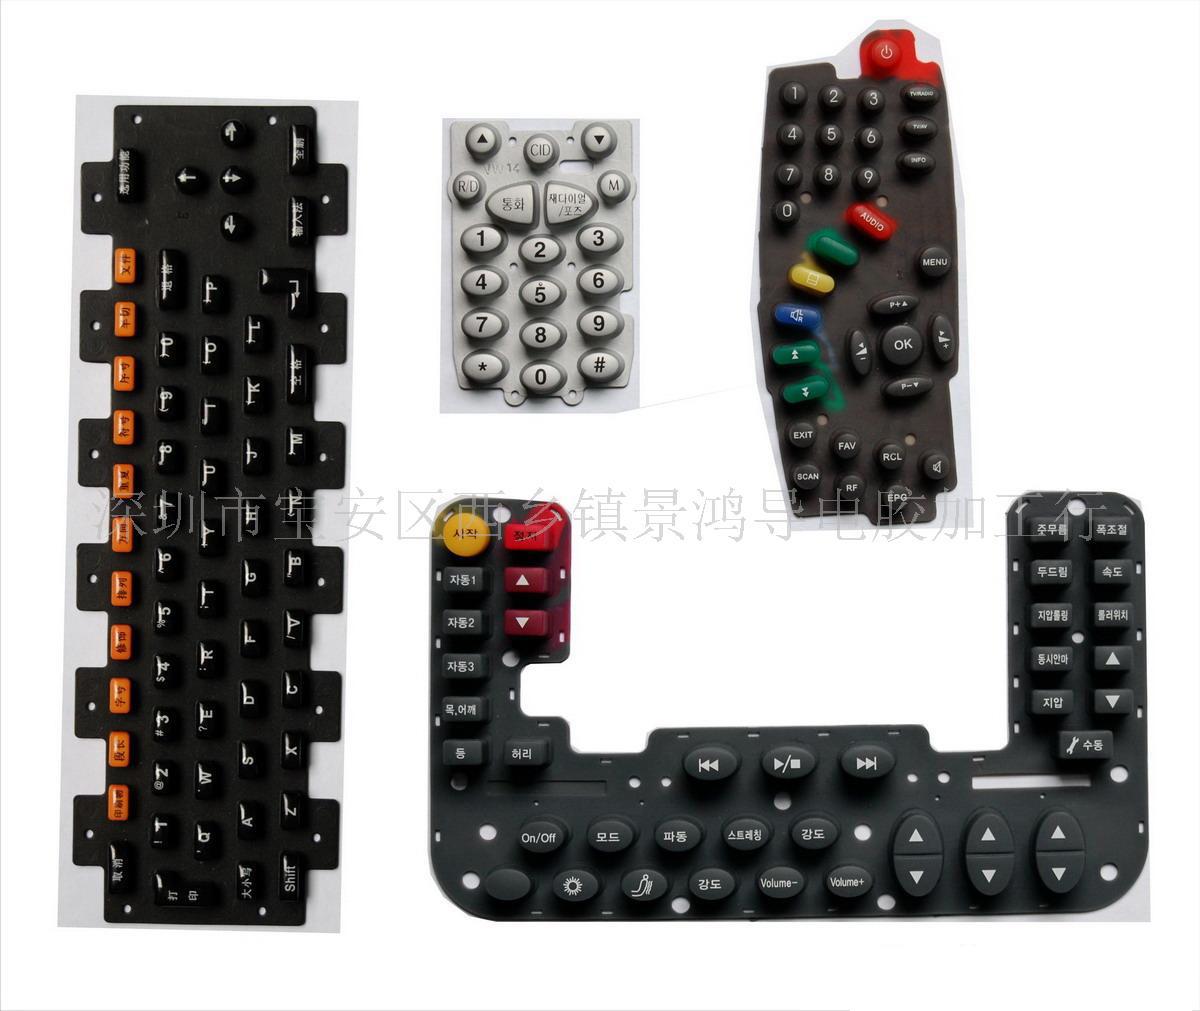 深圳市]              邮件咨询         提供柔性硅胶电子琴按键